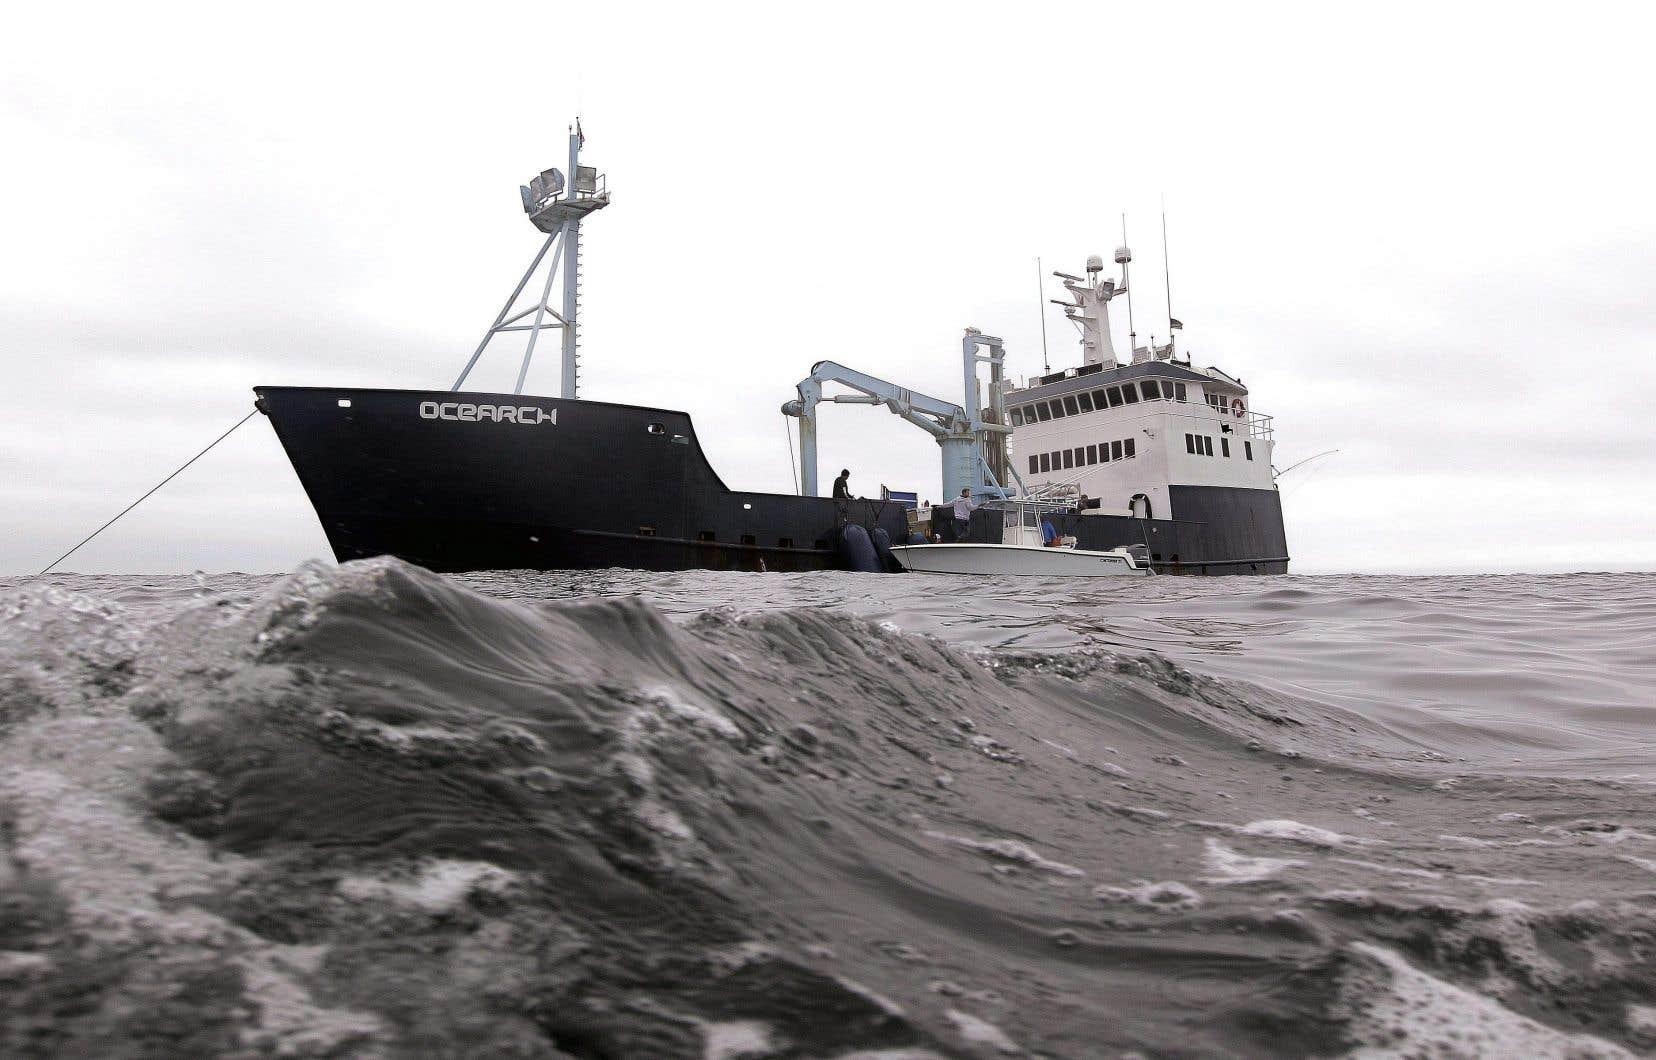 <p>L'organisme américain Ocearch marque les requins à l'aide d'une puce satellitaire, qui permet à son équipe de scientifiques de suivre les déplacements de cesgrands prédateurs marins et leurs habitudes pour se nourrir, notamment.</p>